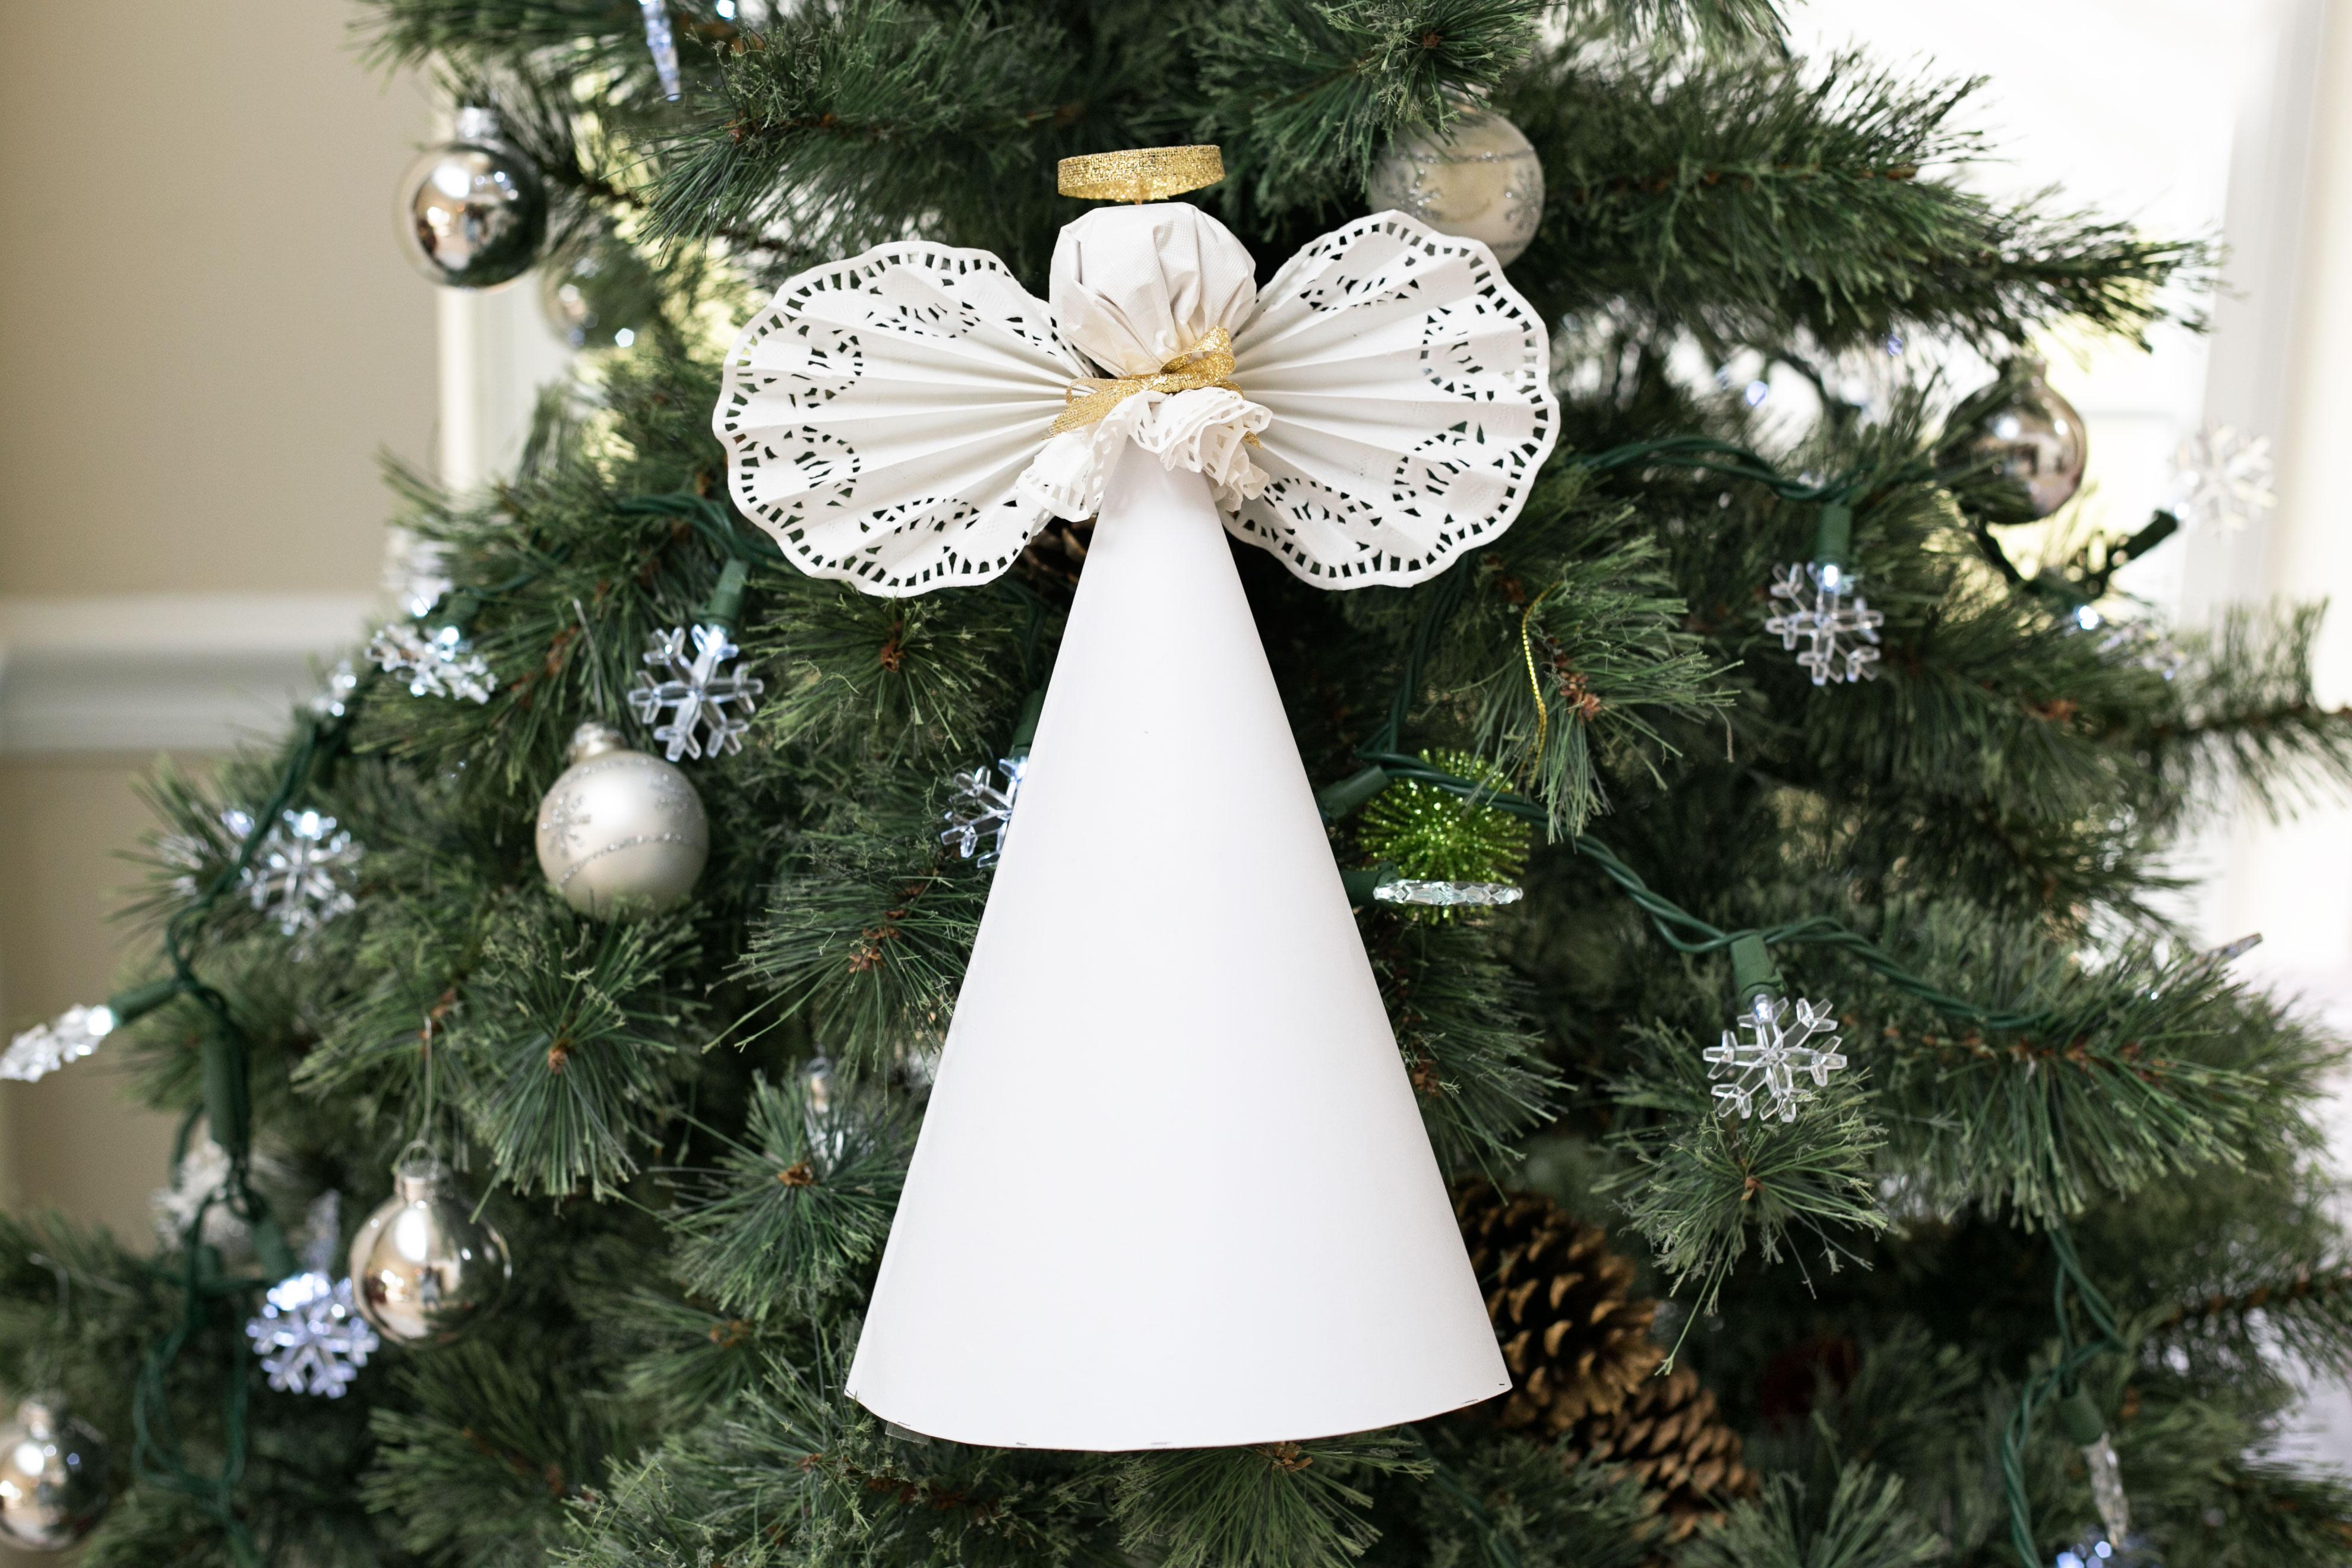 Lazos para el arbol de navidad adornos navideos caseros - Lazos para el arbol de navidad ...